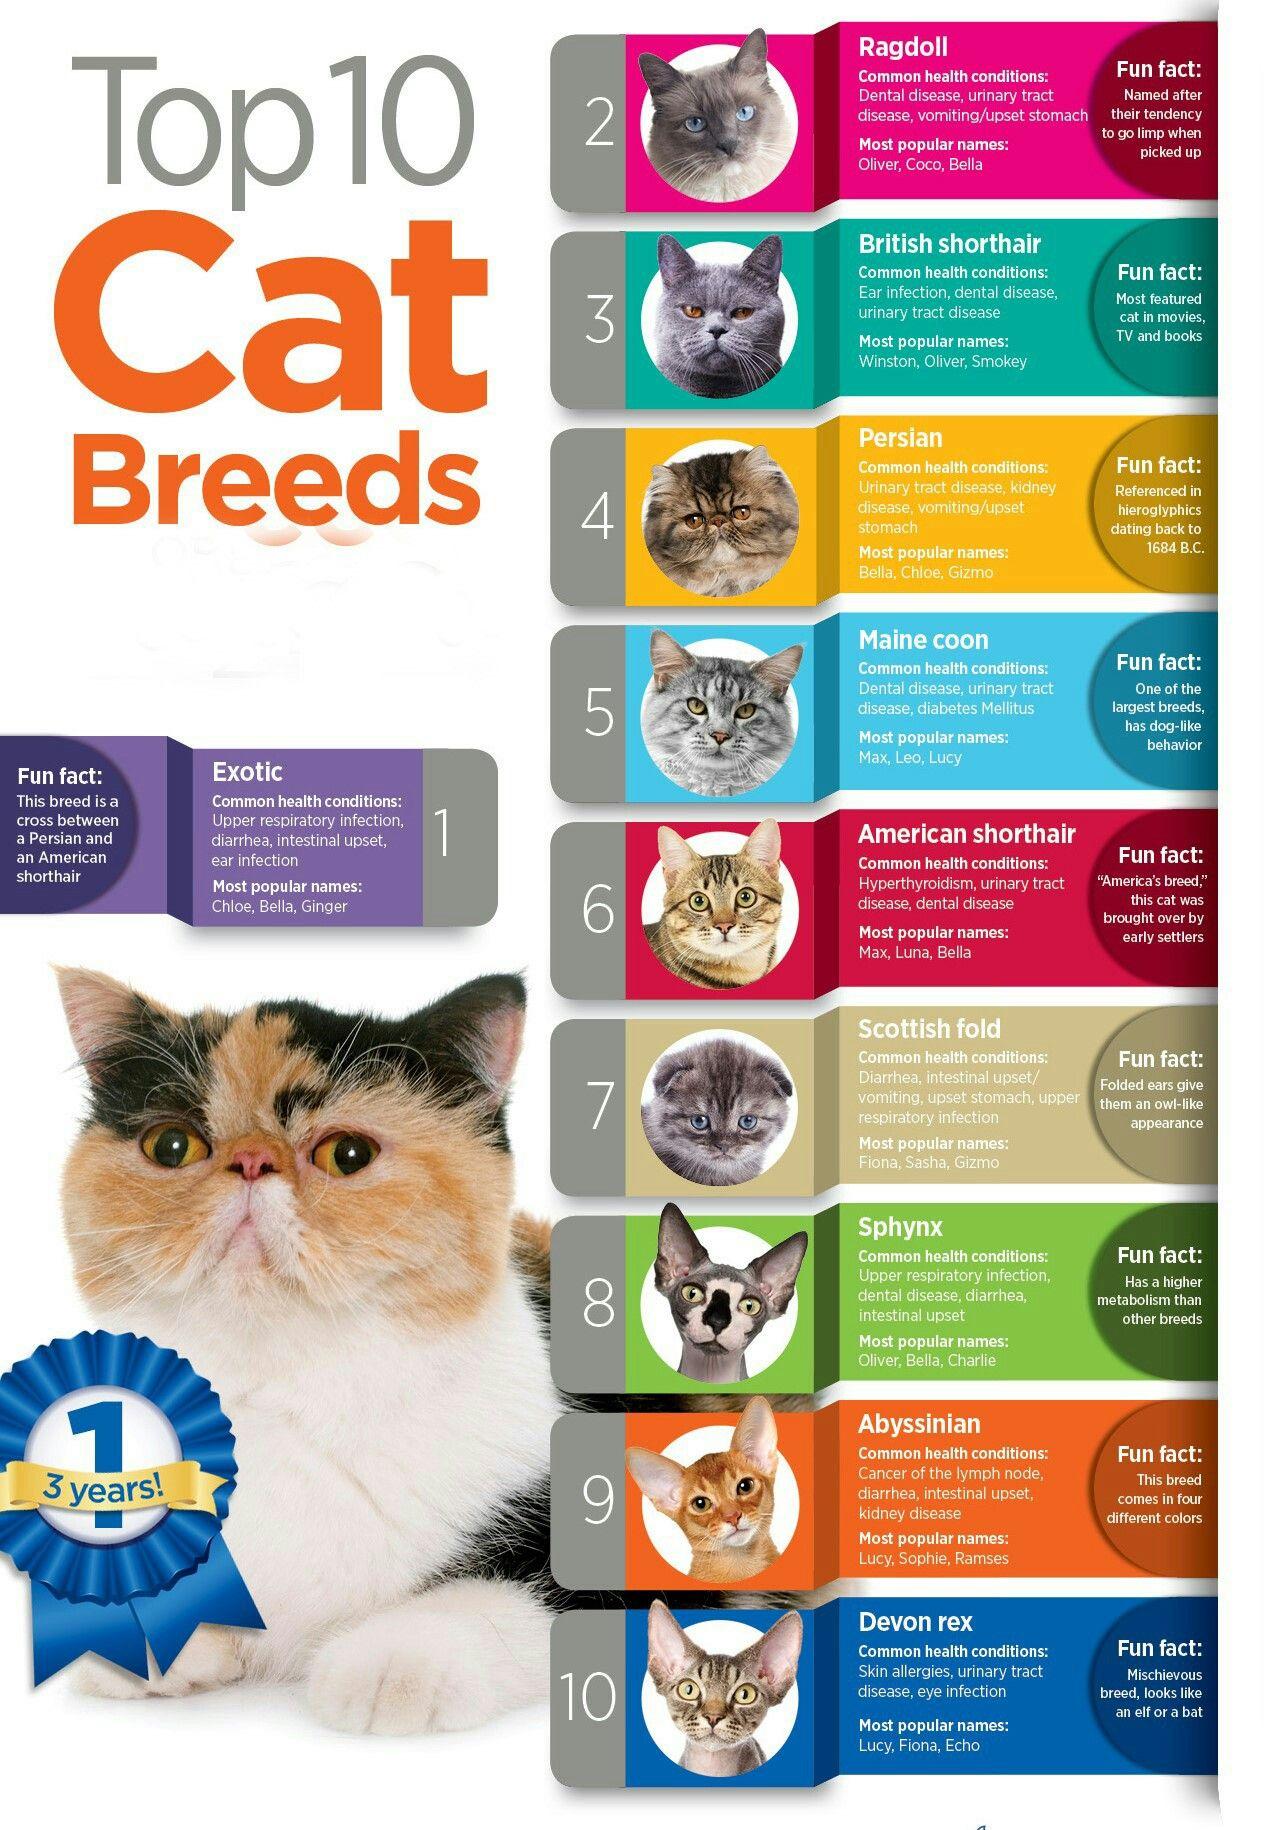 Top 10 Cat Breeds Pet Cat Funny Top10 Cat Breeds Cat Care Cat Breeds Chart